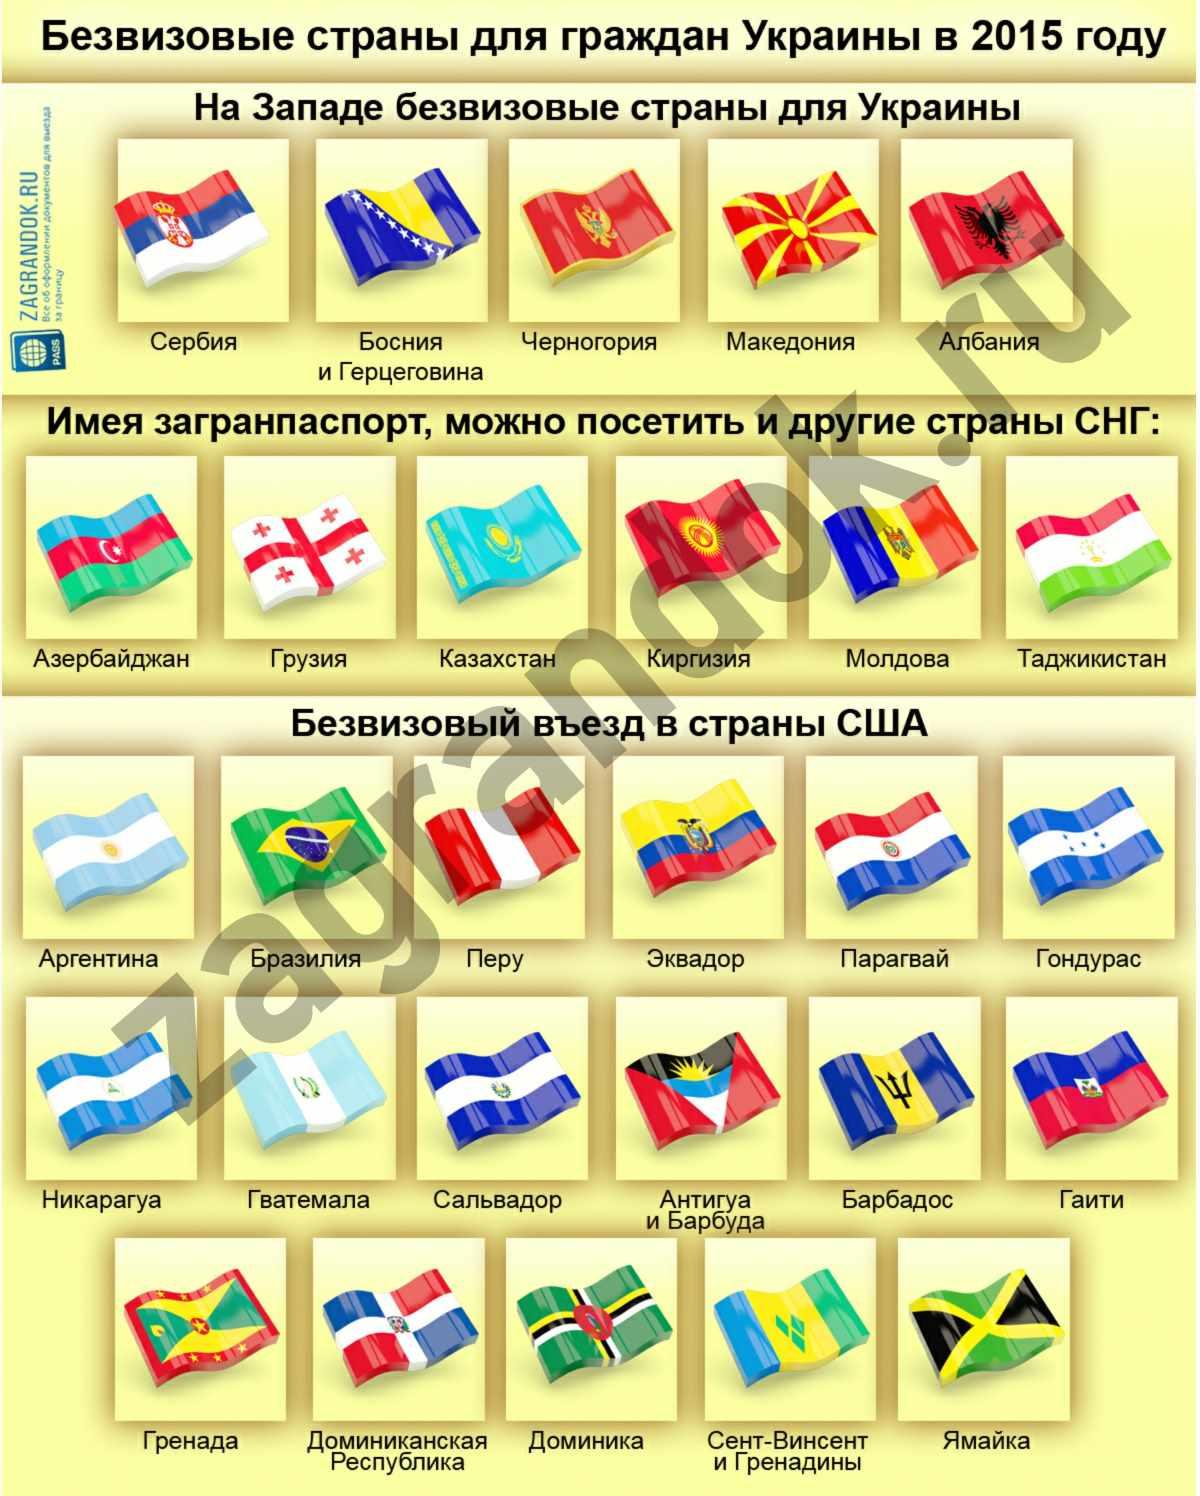 Безвизовые страны для граждан Украины в 2015 году